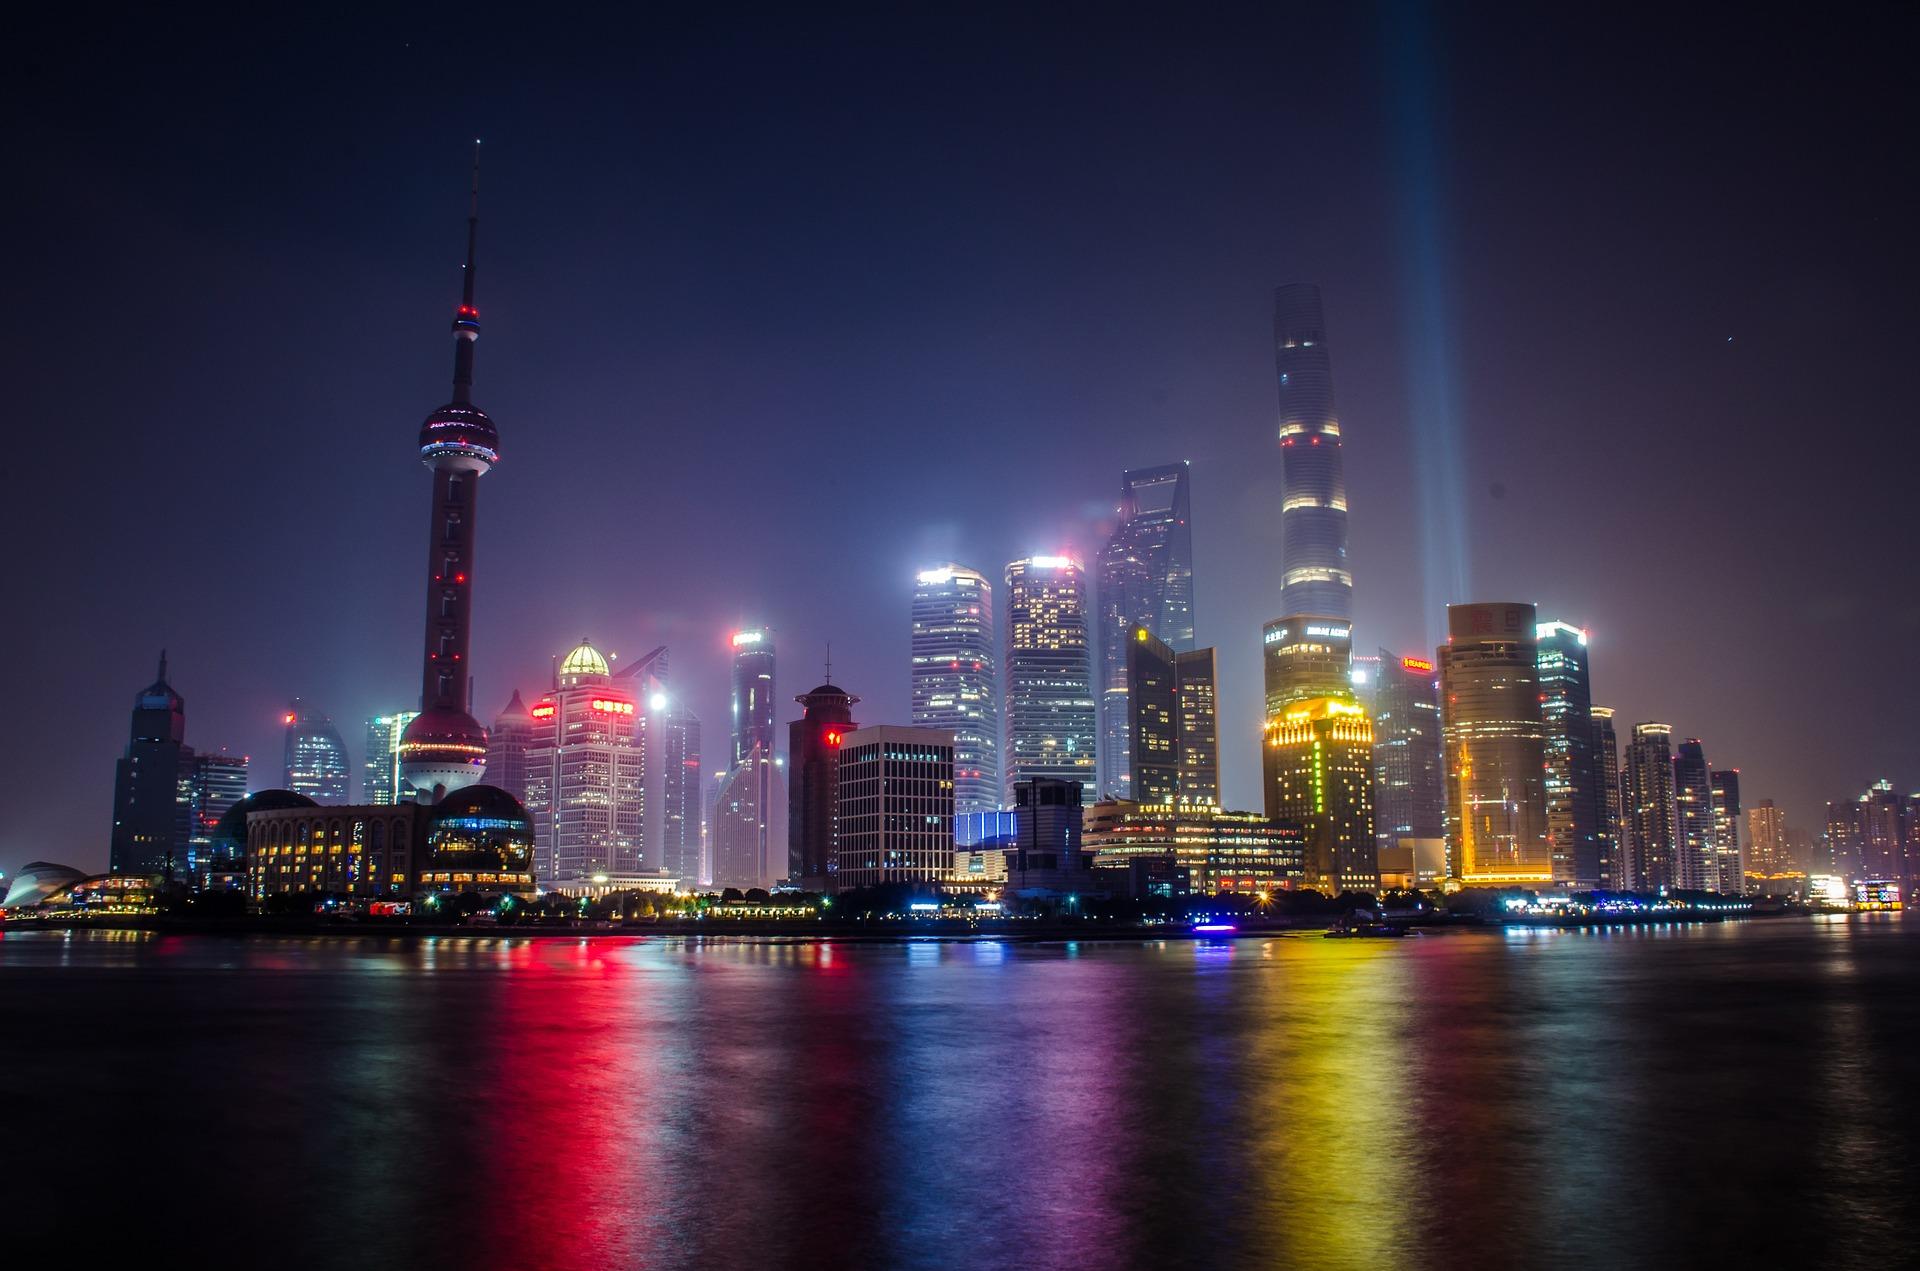 shanghai-588283_1920.jpg